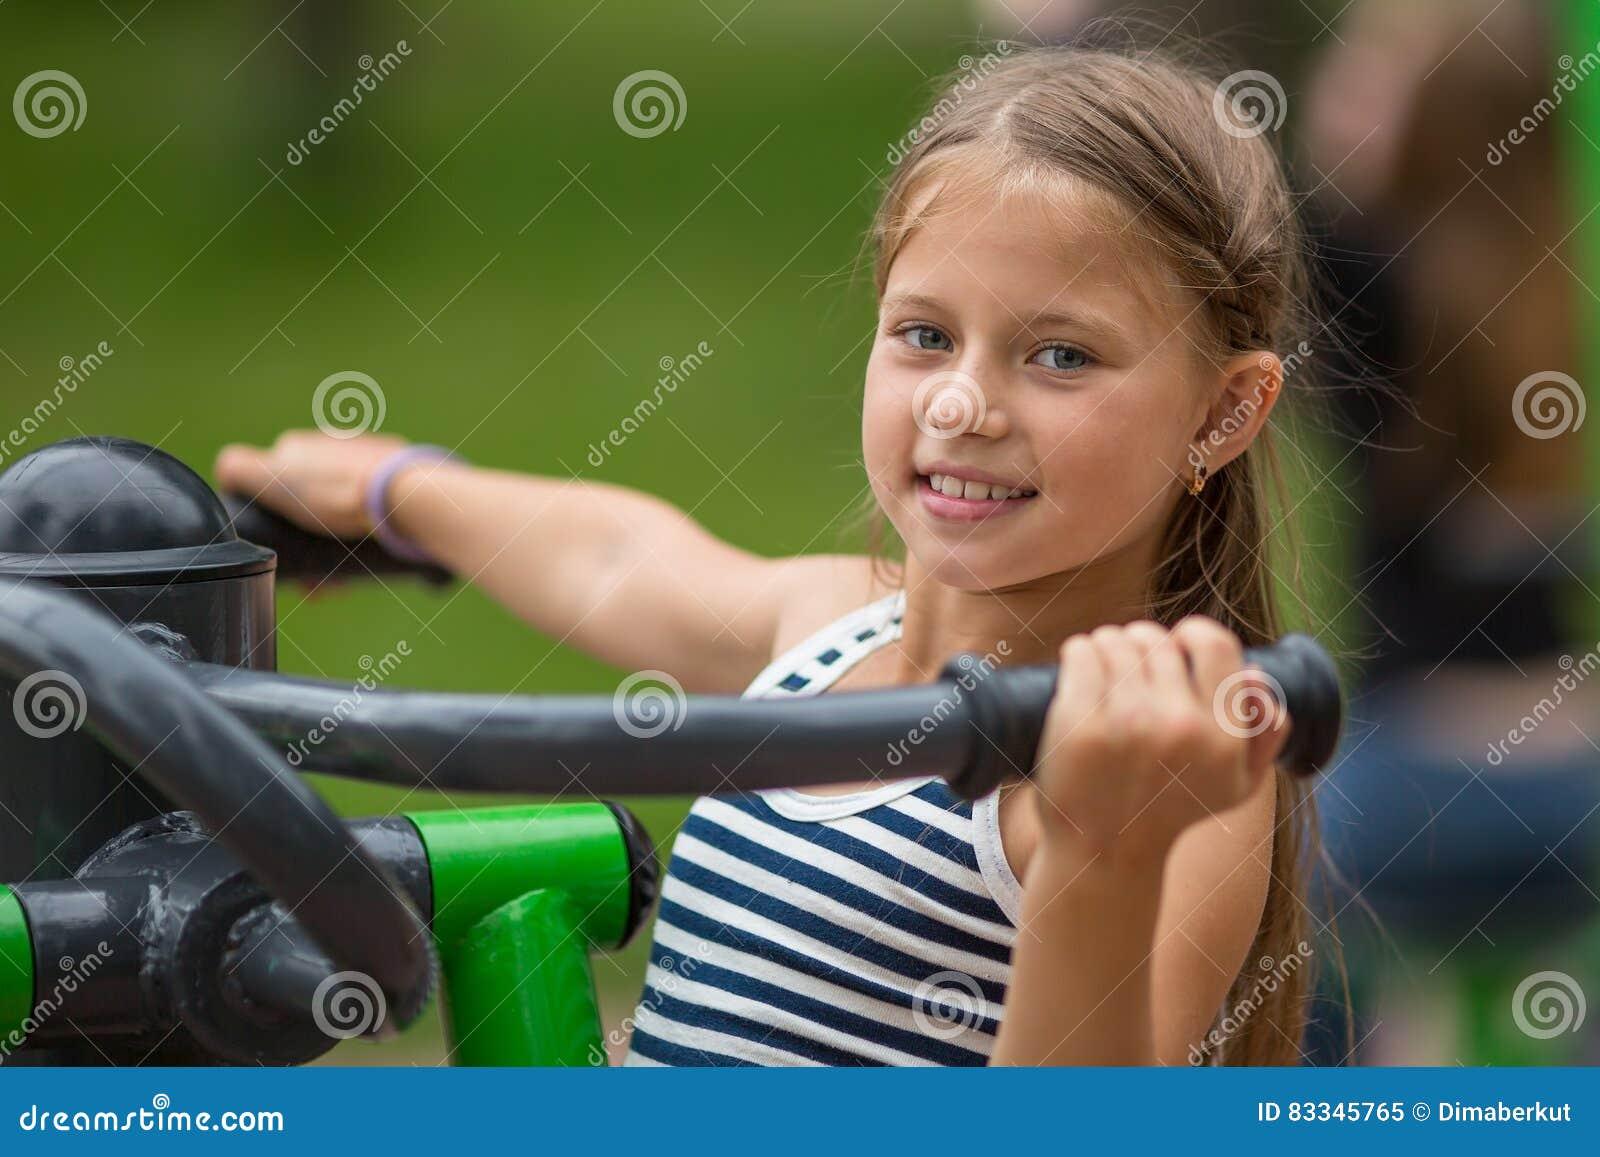 Tio-året flickan som gör övningar på sportar, grundar utomhus